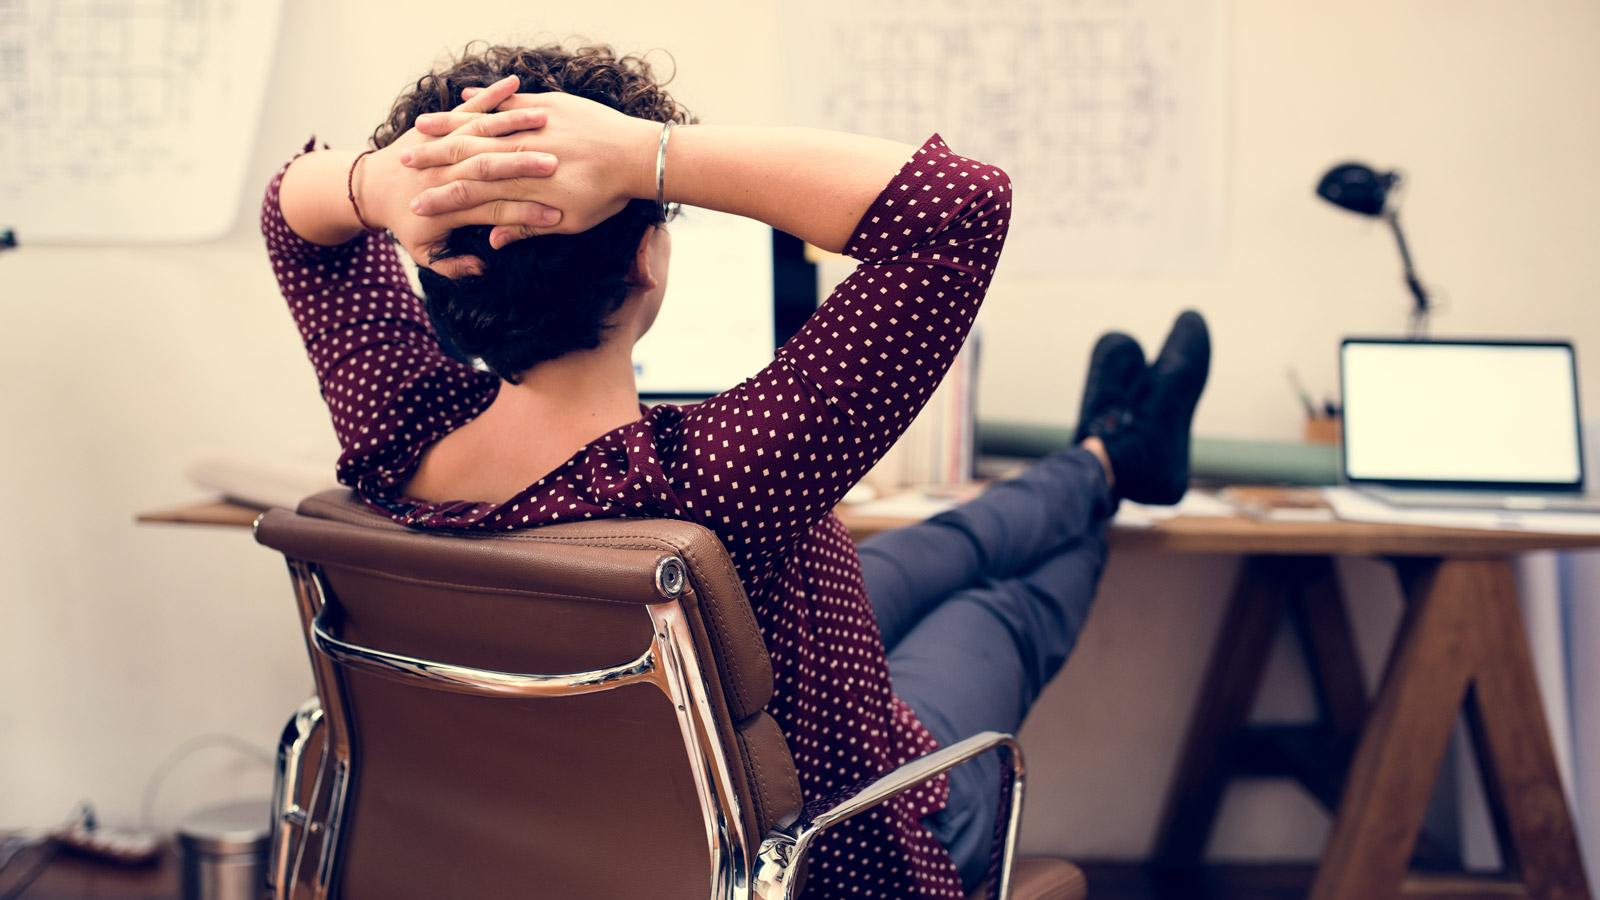 W domu pracujemy w innych godzinach niż w biurze – Raport Biuro mediarun biuro godziny pracy 2020